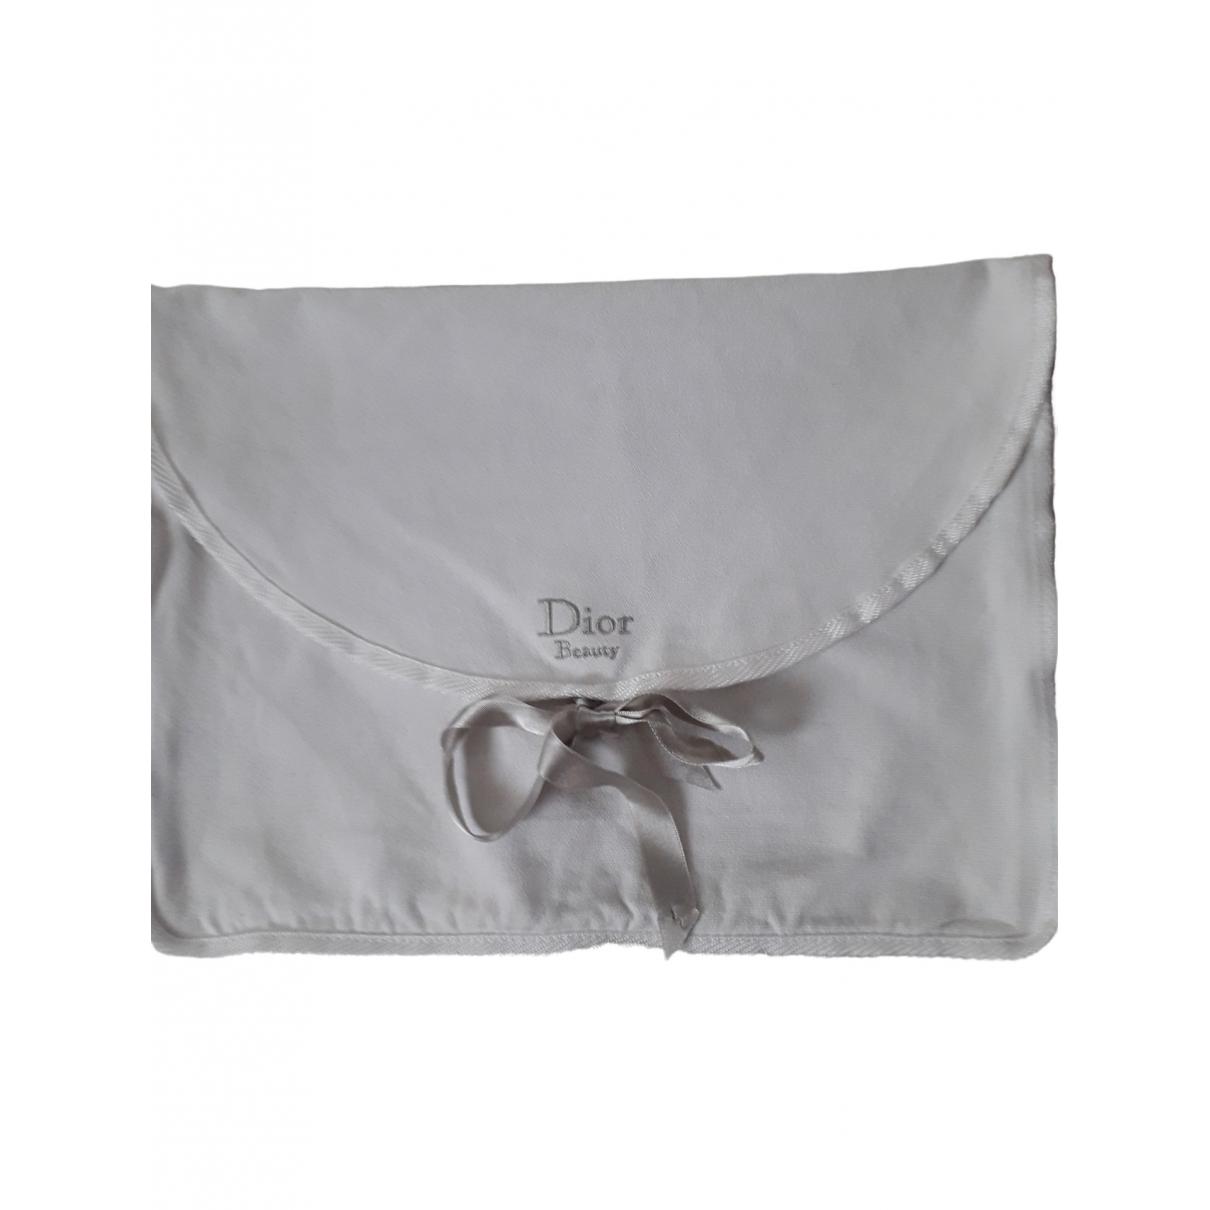 Dior \N Clutch in  Weiss Baumwolle